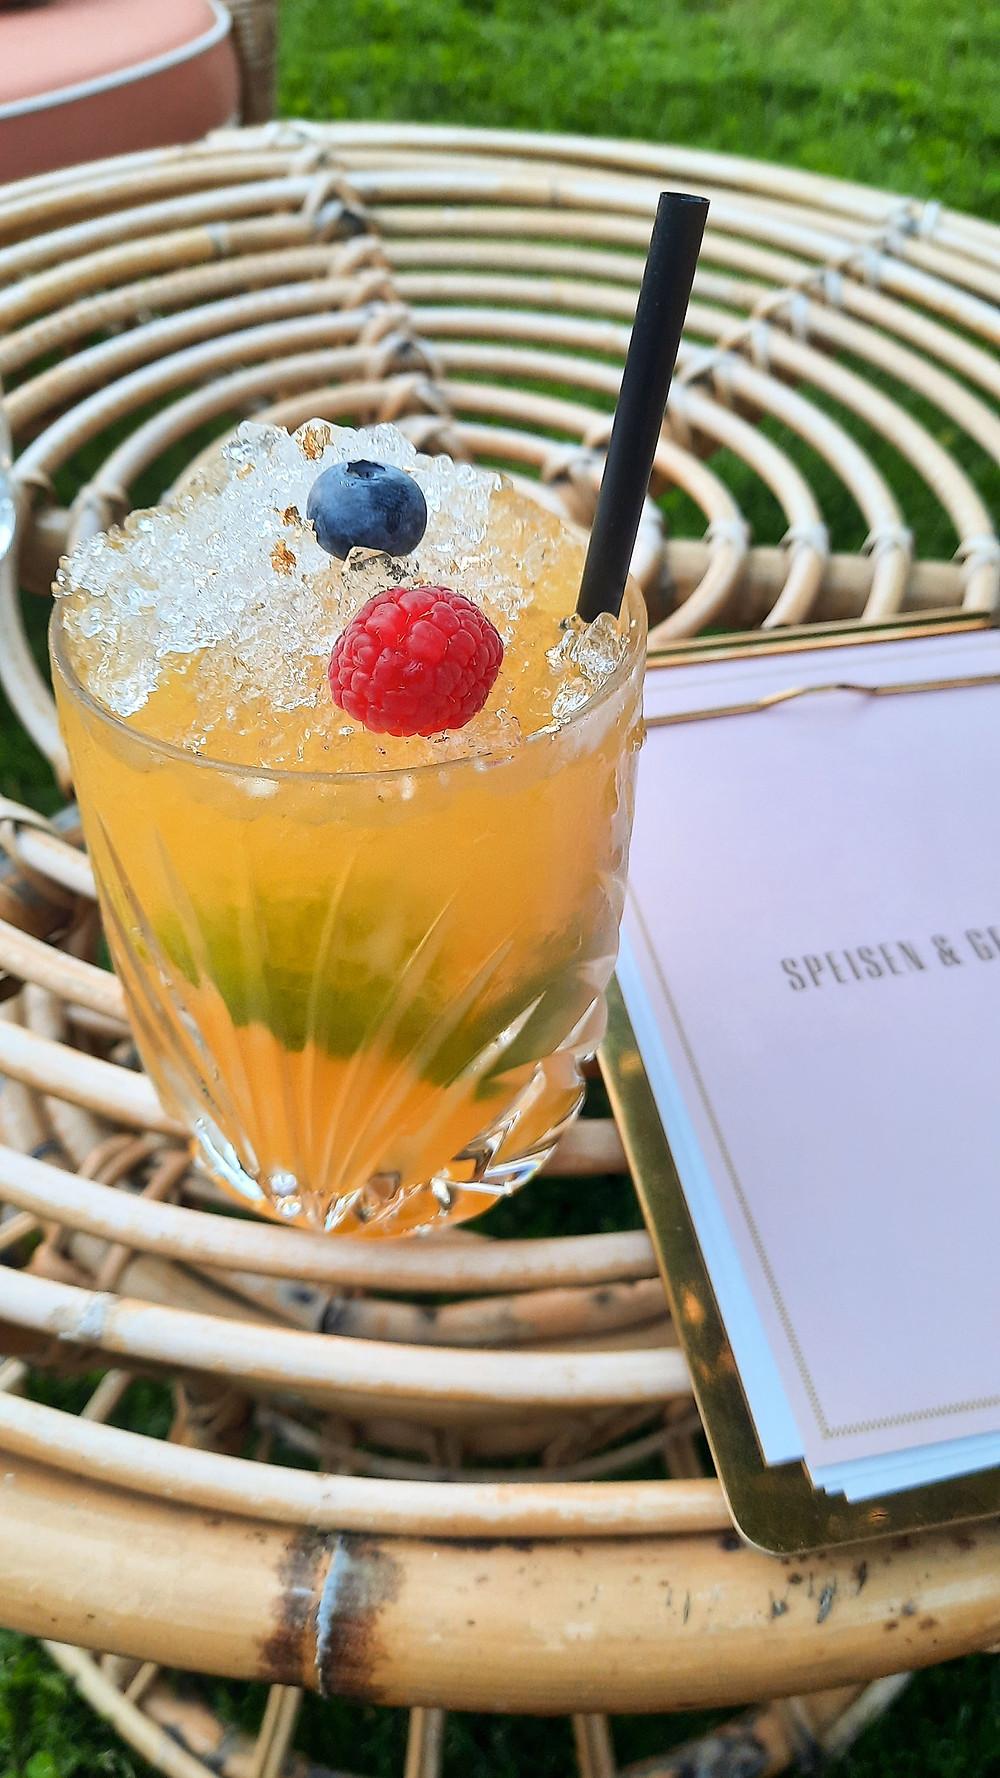 Cocktail Fernblick-Caipi mit Obst-Deko und Goldstaub.